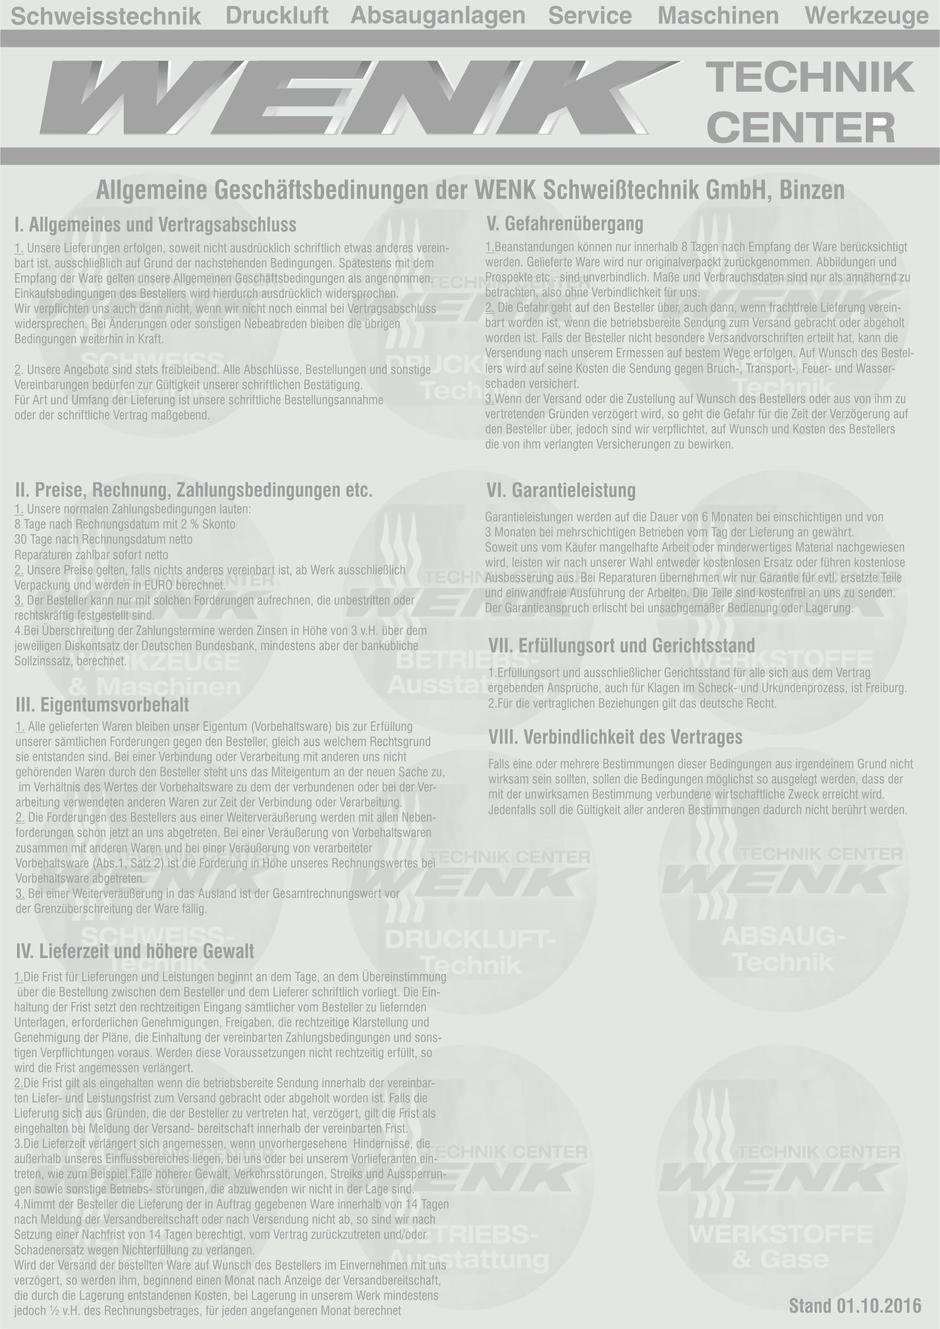 Allgemeine Geschäftsbedingungen, WENK Schweisstechnik GmbH